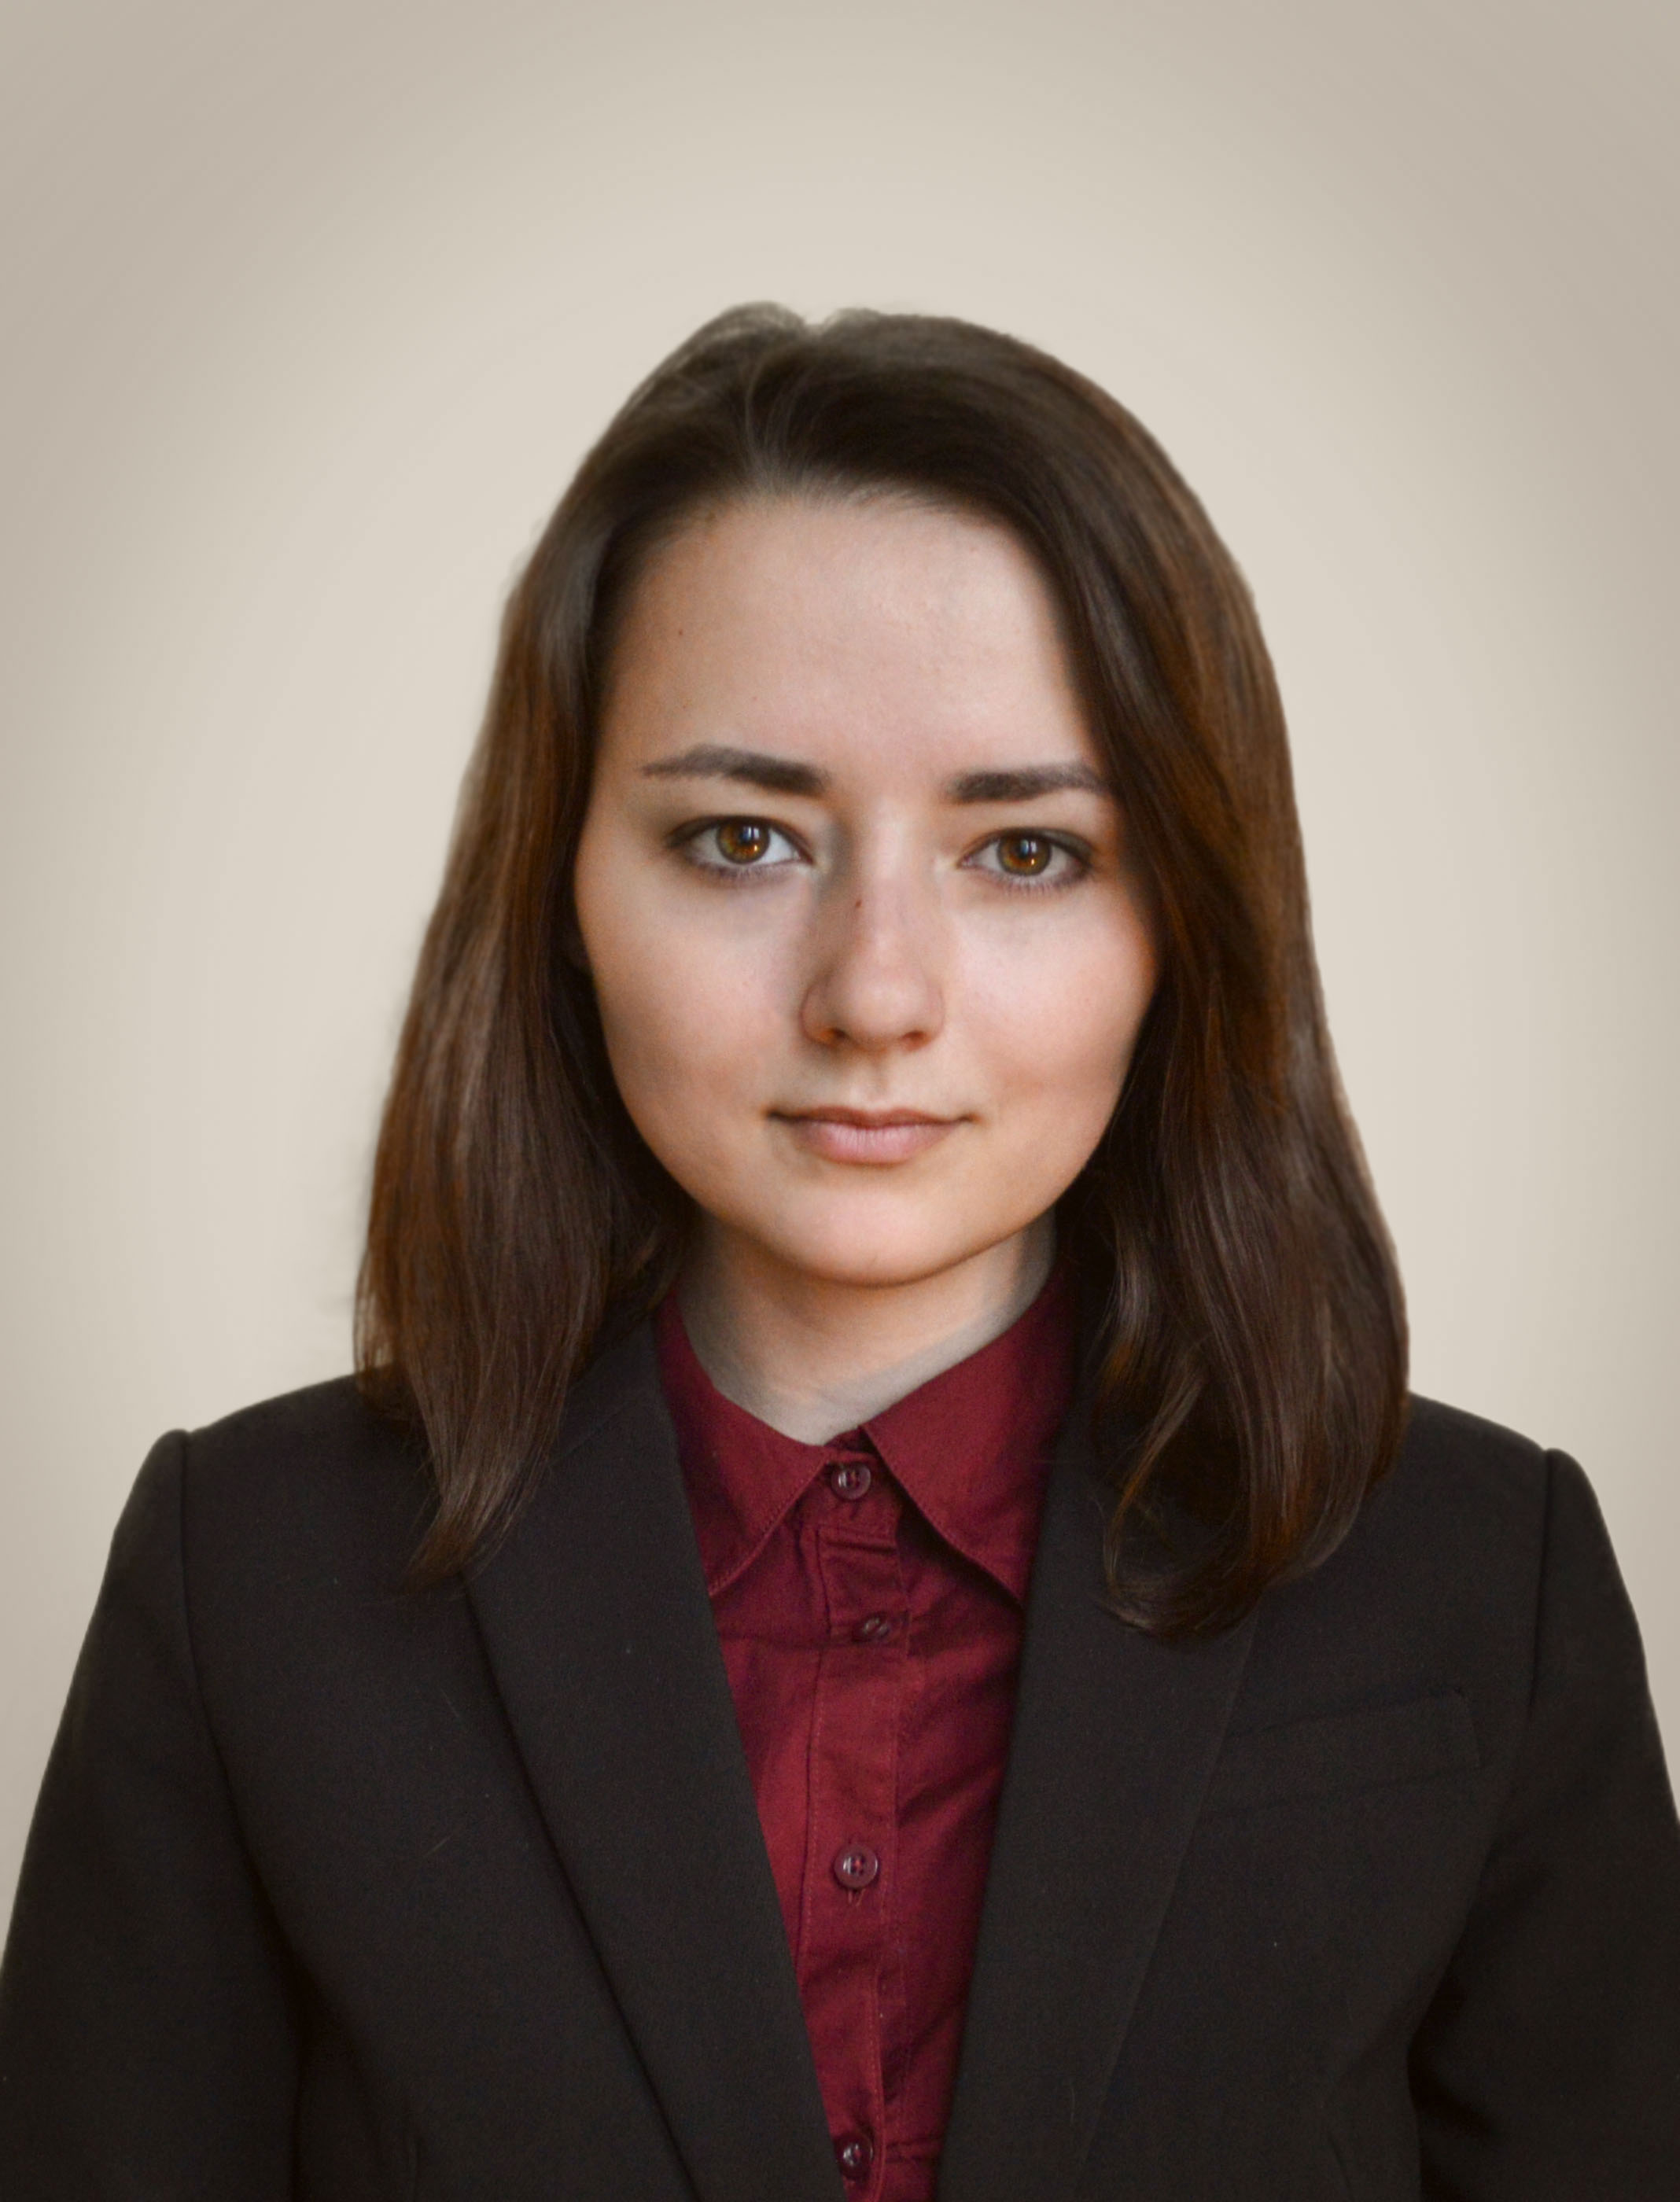 Юманова Анастасия.jpg